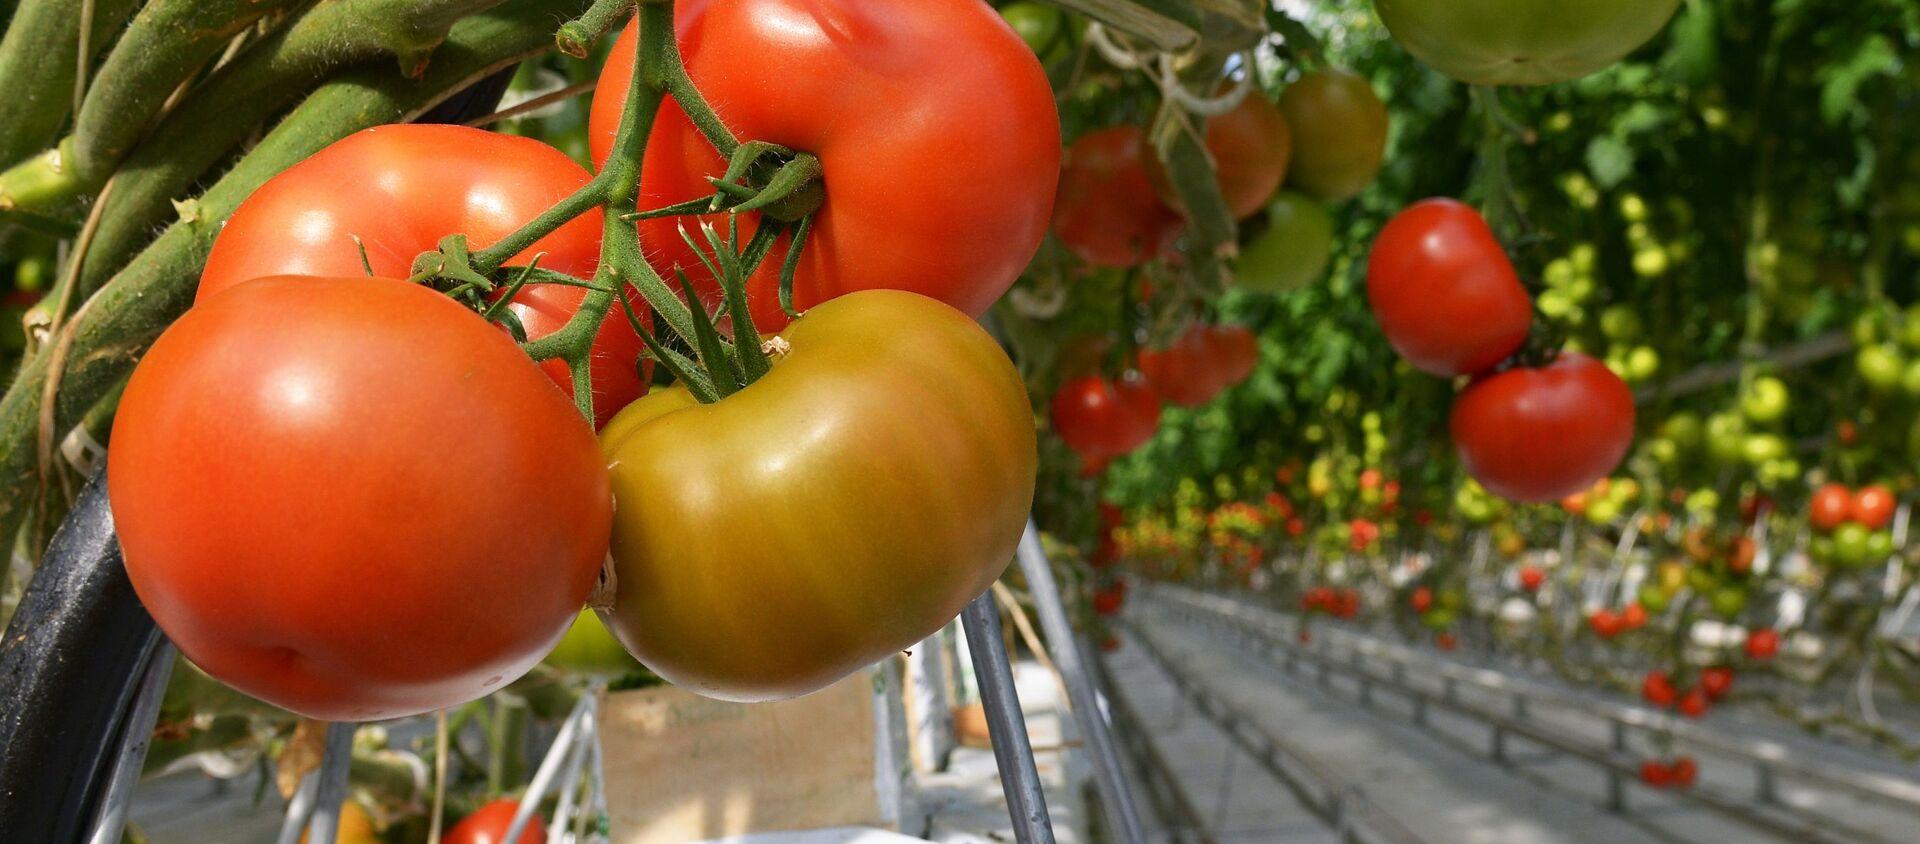 Pomodori in serra - Sputnik Italia, 1920, 10.04.2021